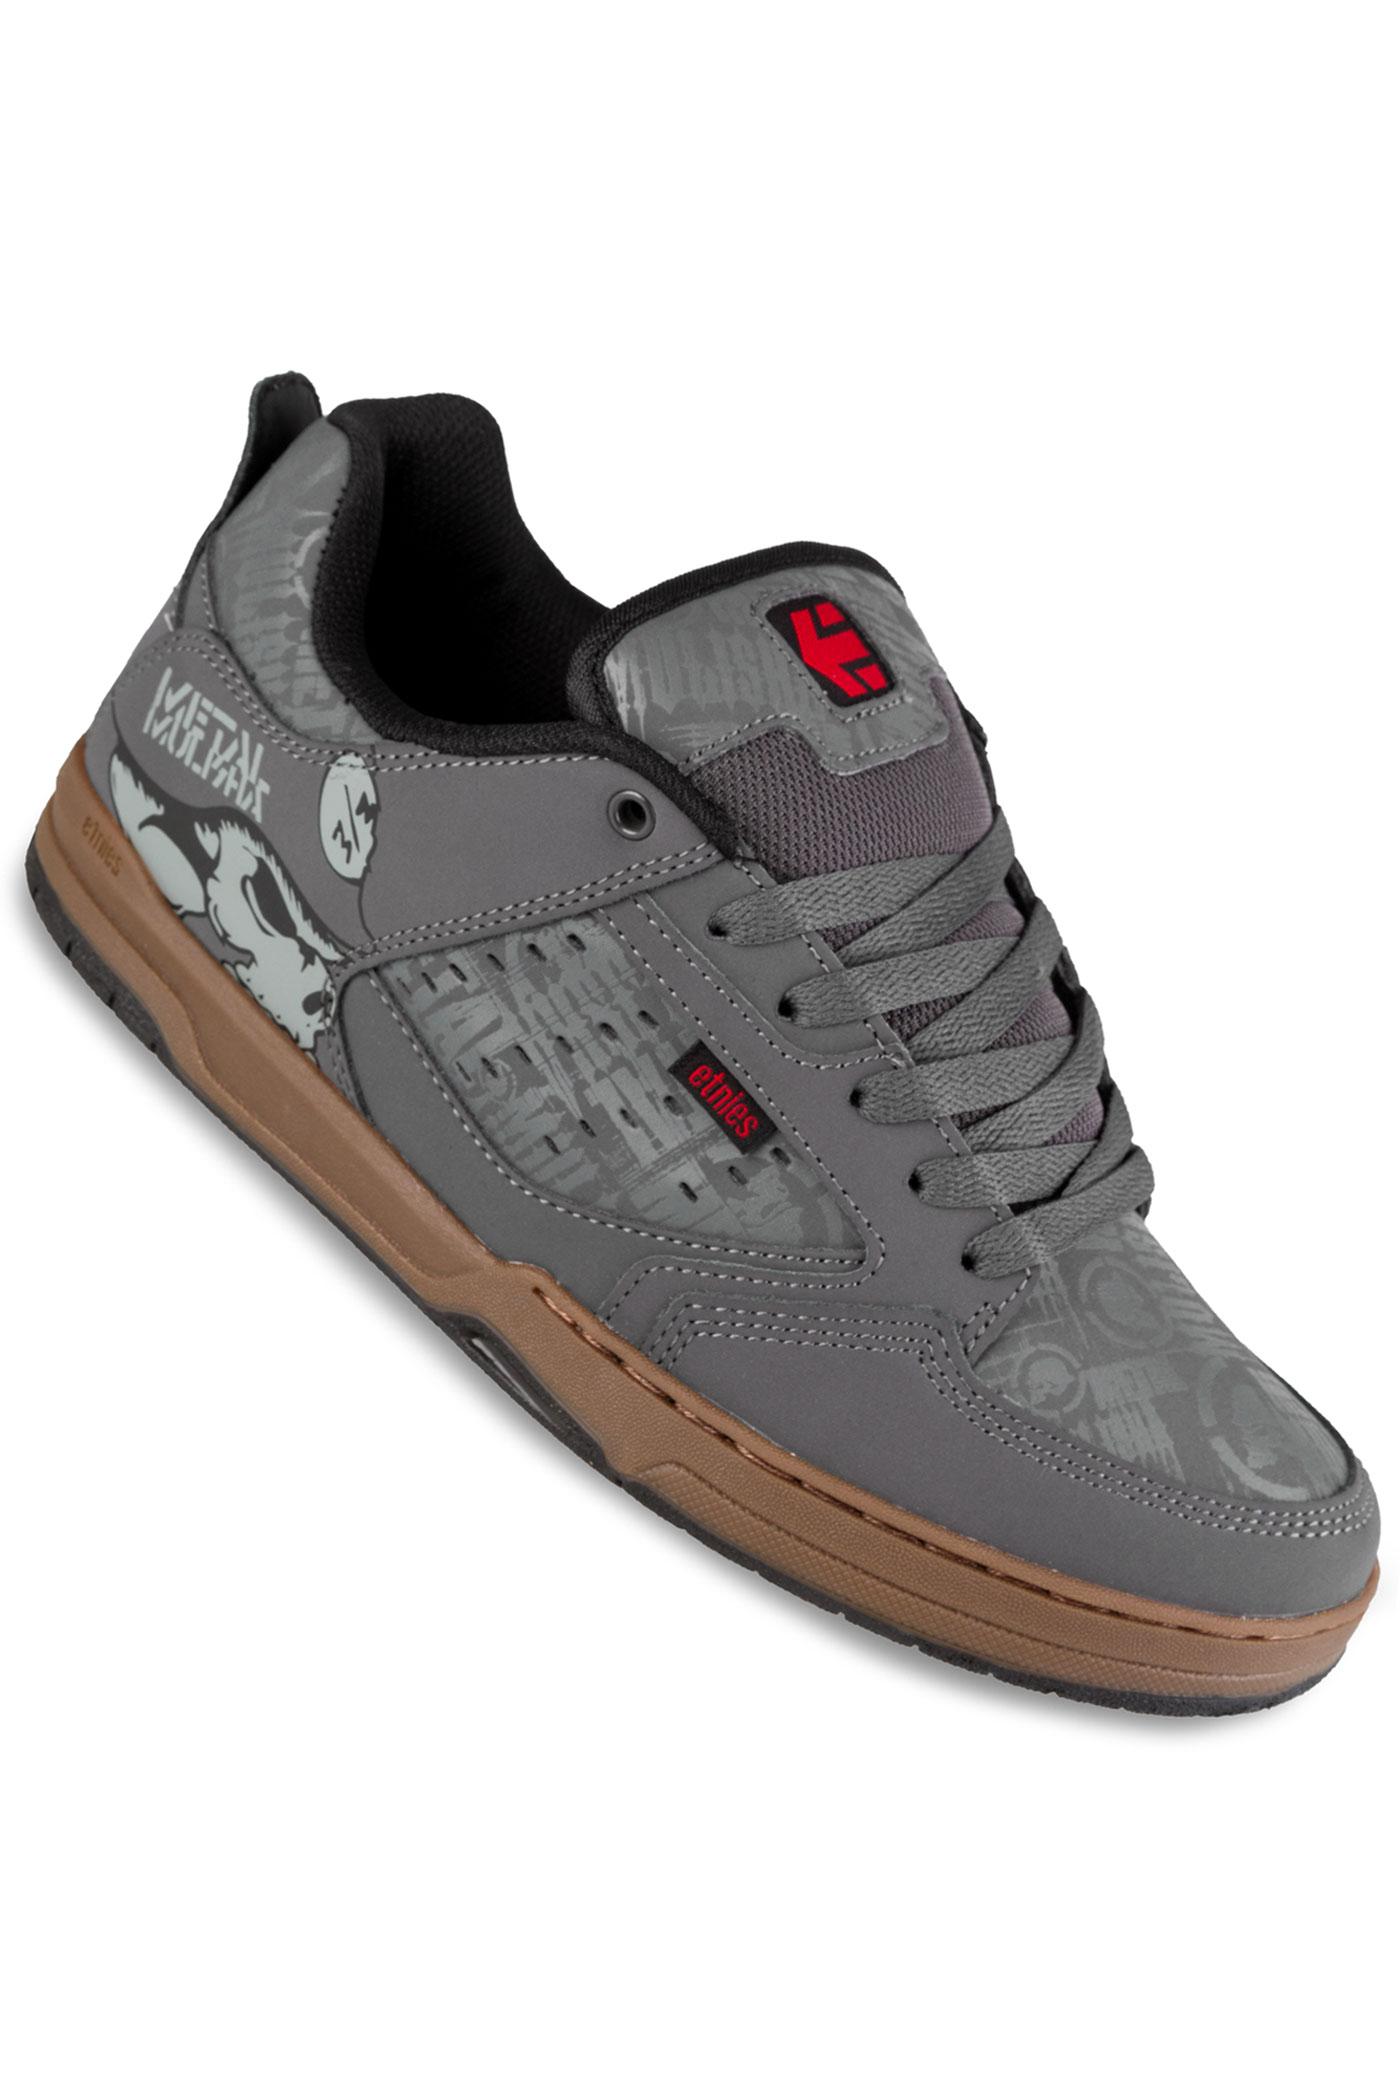 Etnies Metal Mulisha Cartel Shoes Review